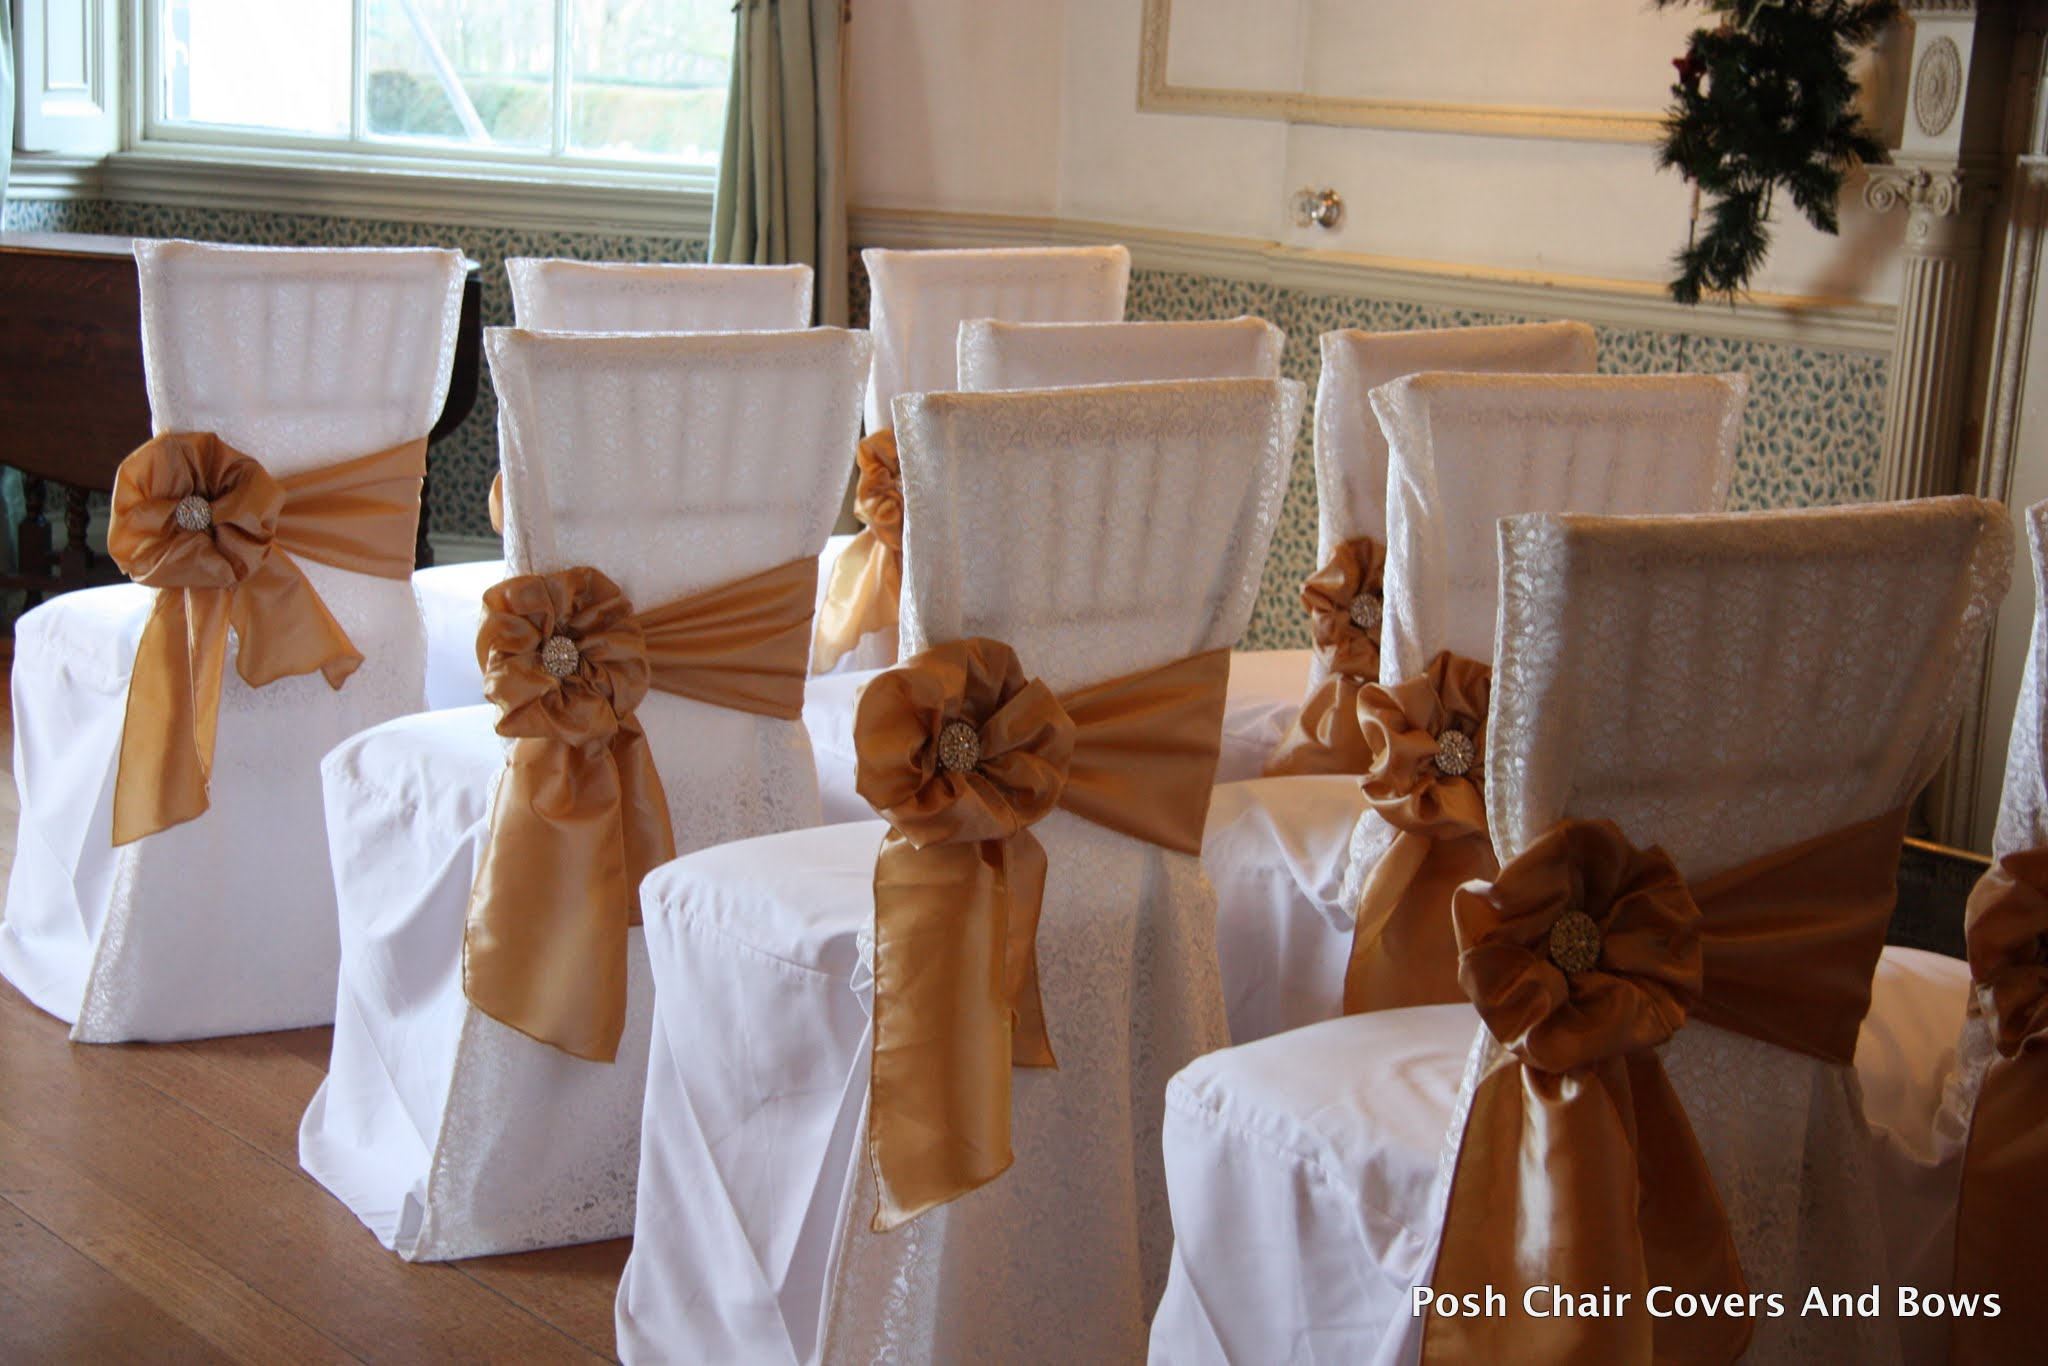 Chair Cover Bows posh chair covers & bows | chiavari chairs |flower wall|hire